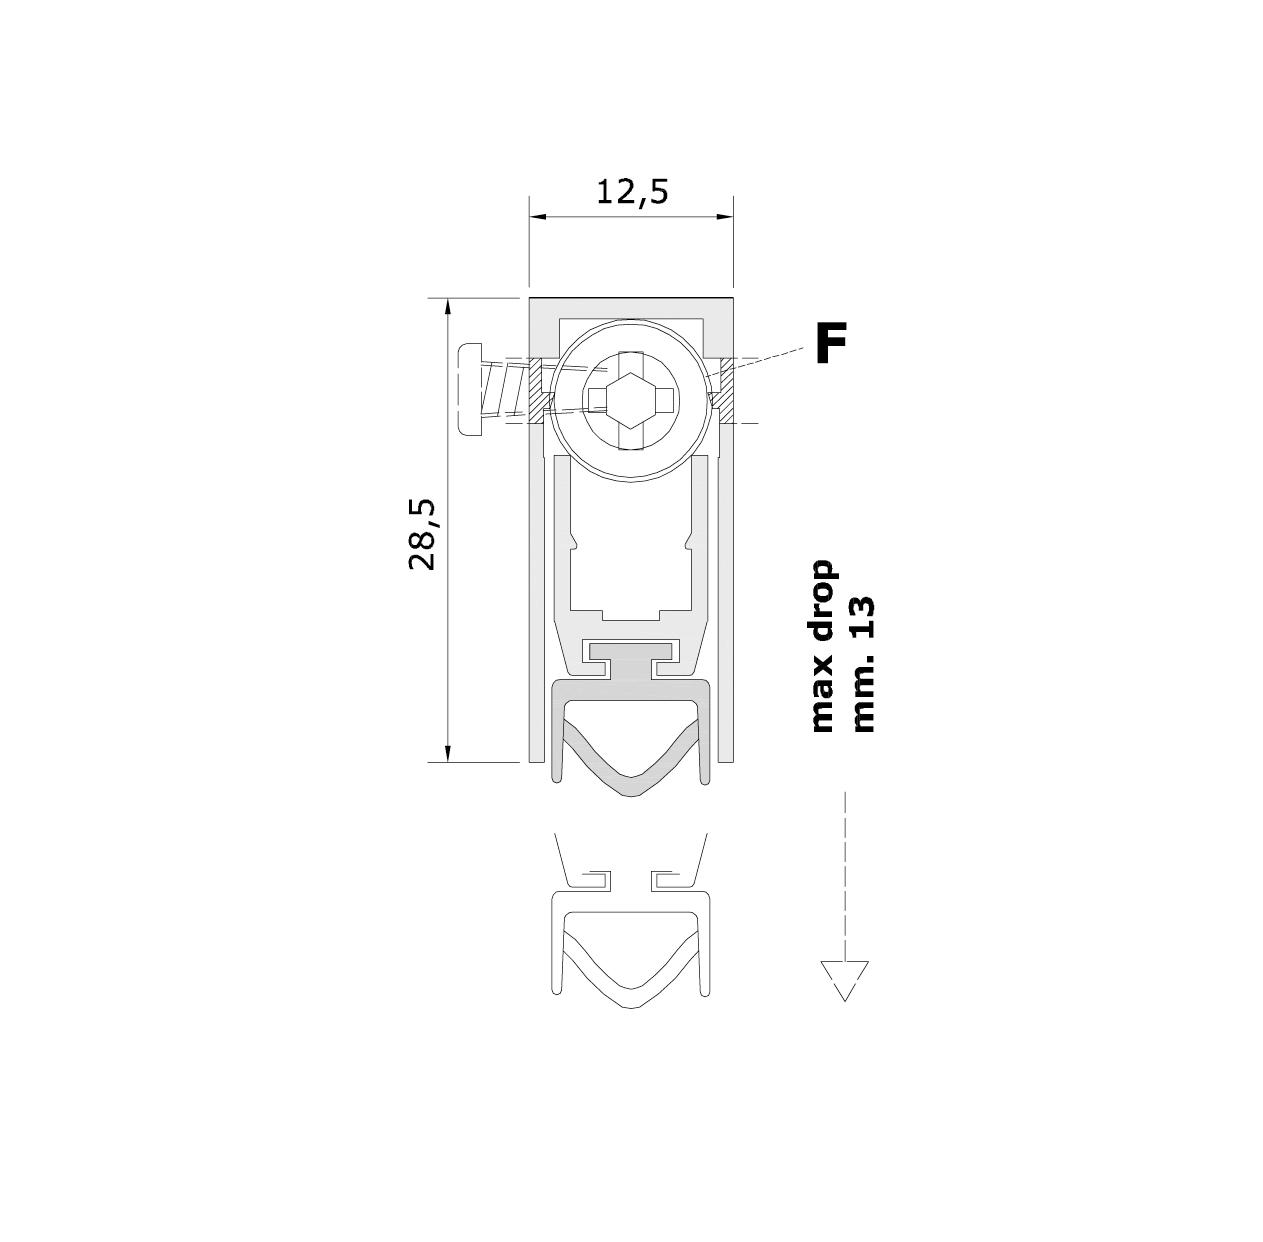 Misure standard (mm) per il paraspifferi Serie Basic 475